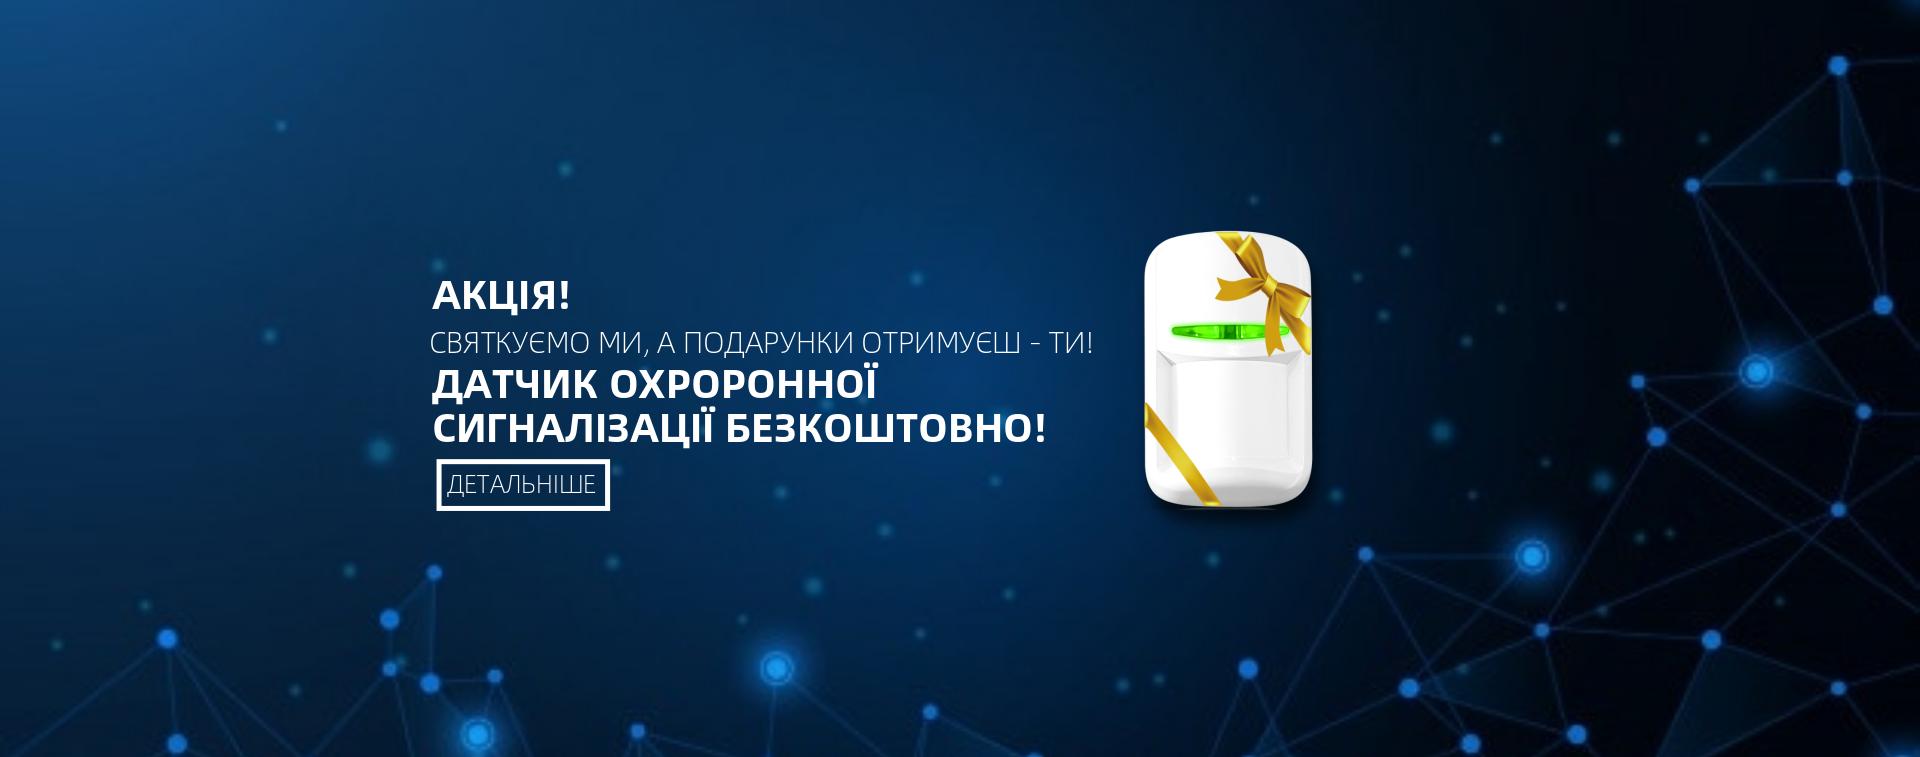 dat_gl_ukr